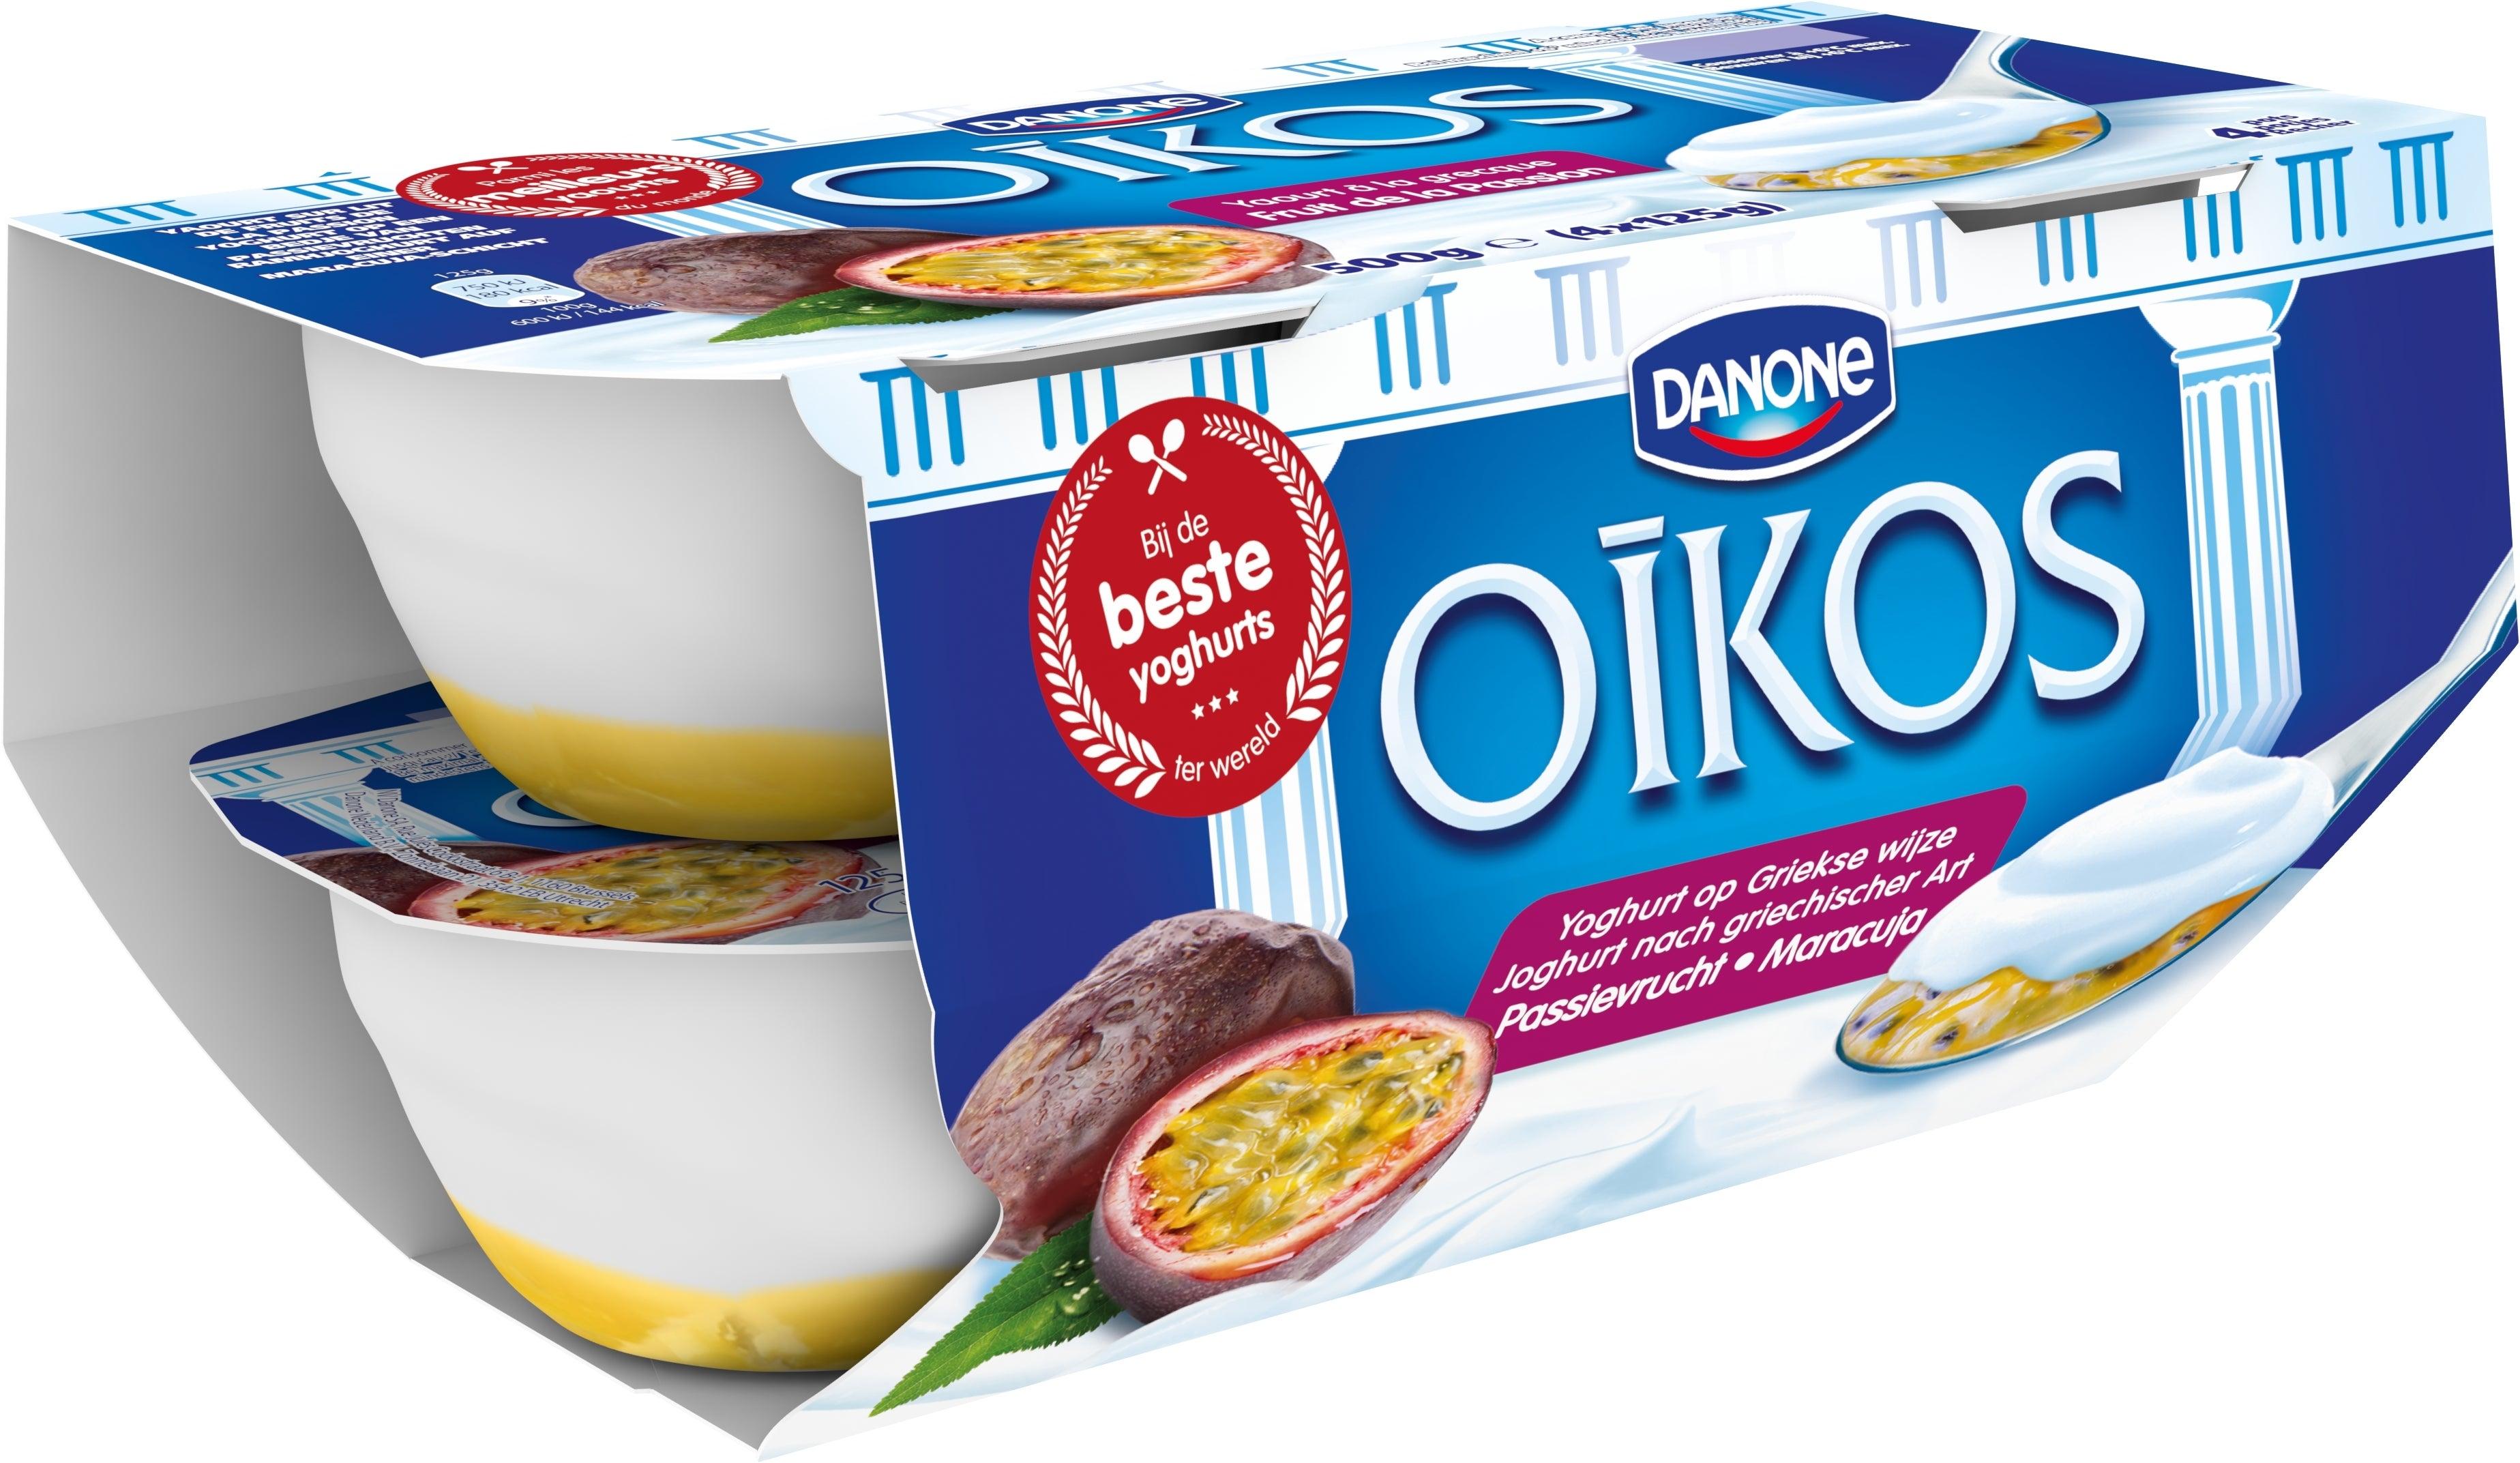 Oikos Yoghurt Vol Passievruchten 4x125g